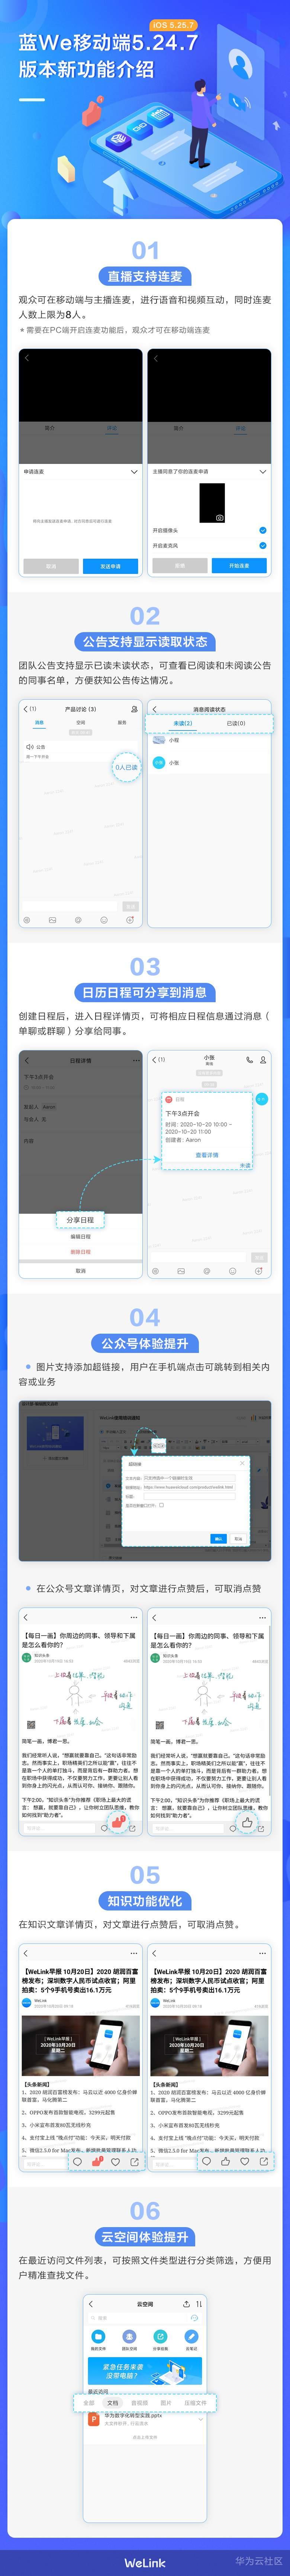 版本新功能-2.0.jpg